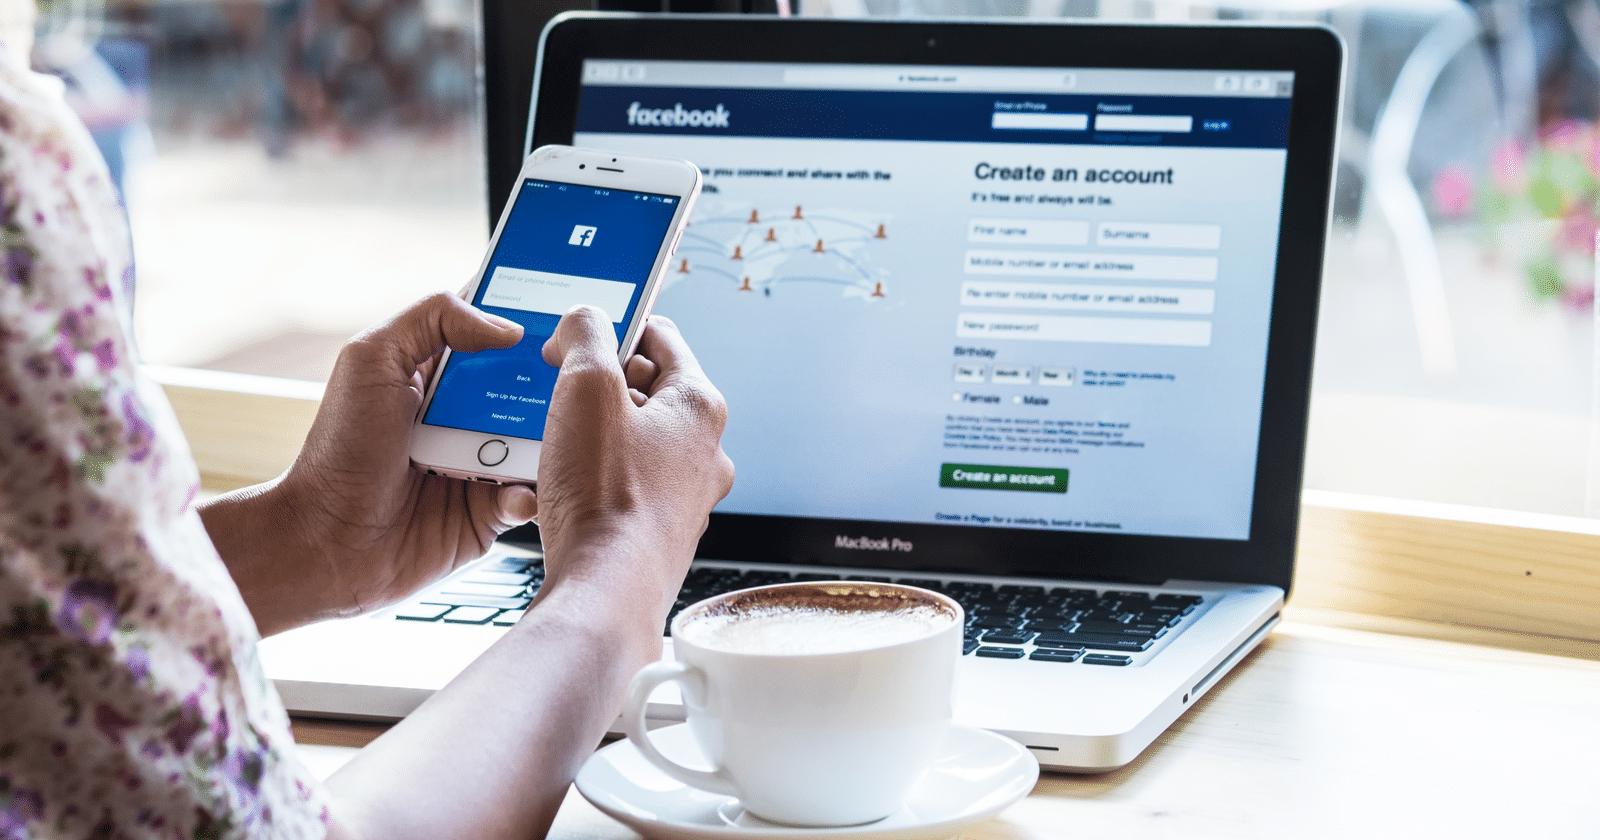 البيع على الفيس بوك